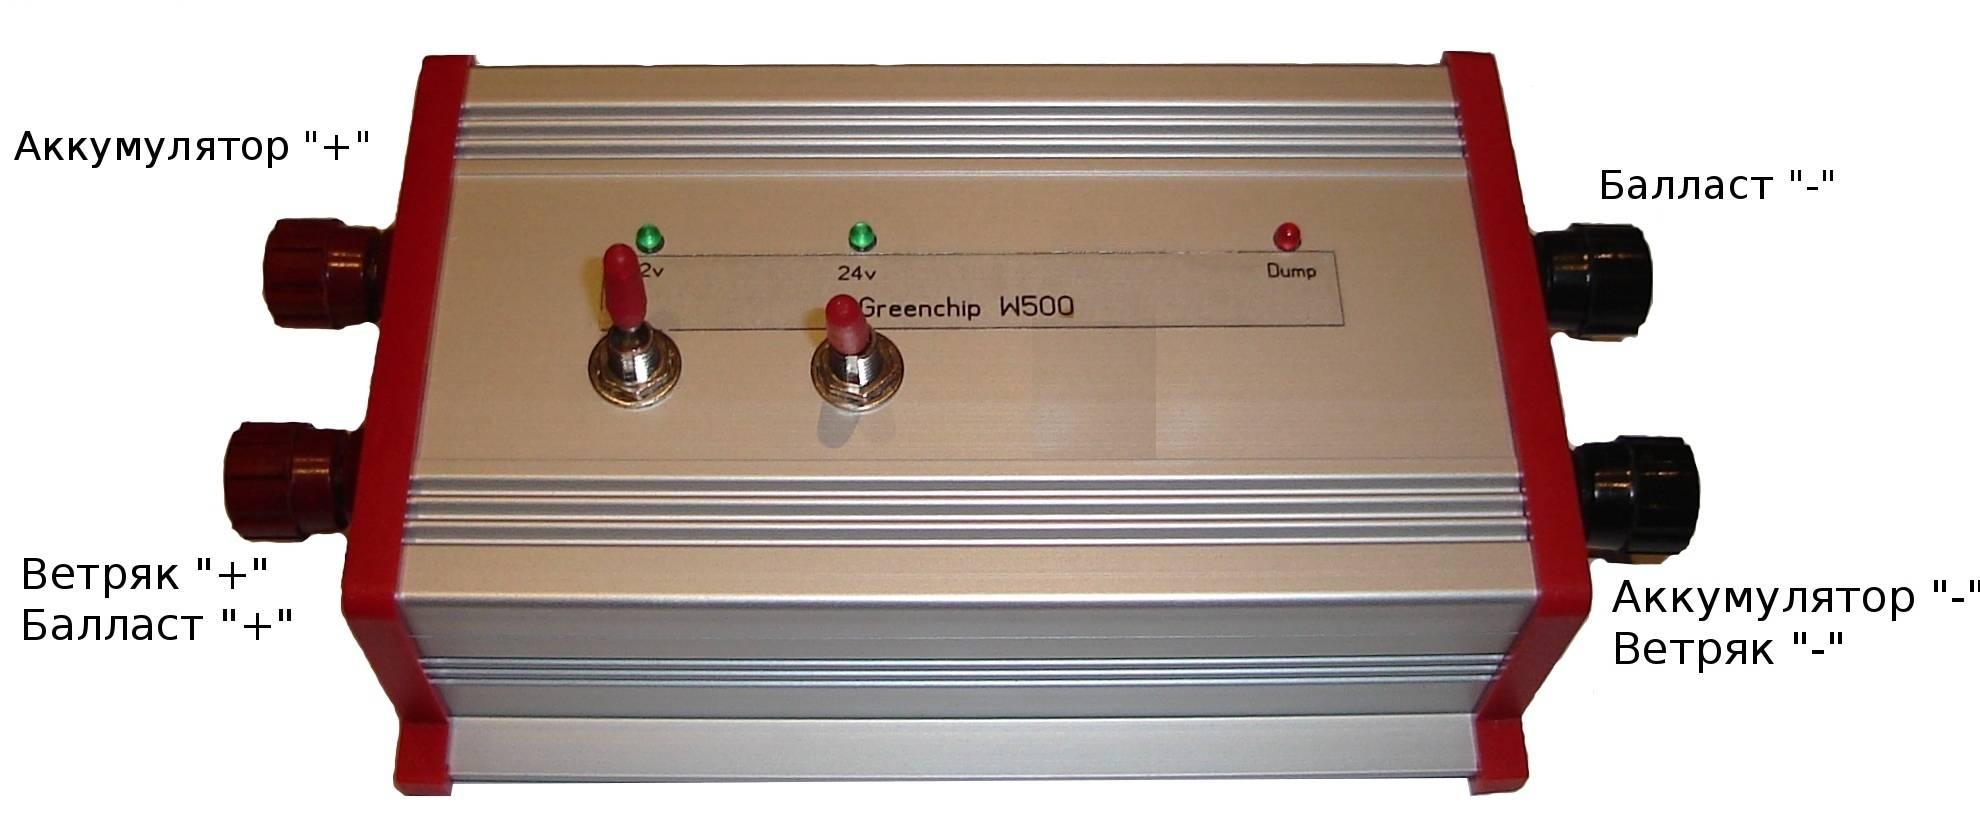 Контроллеры для ветряка — пелинг — солнечные батареи, электротранспорт, аккумуляторы, светодиоды, поделки, обучение, ремонт авто и многое другое